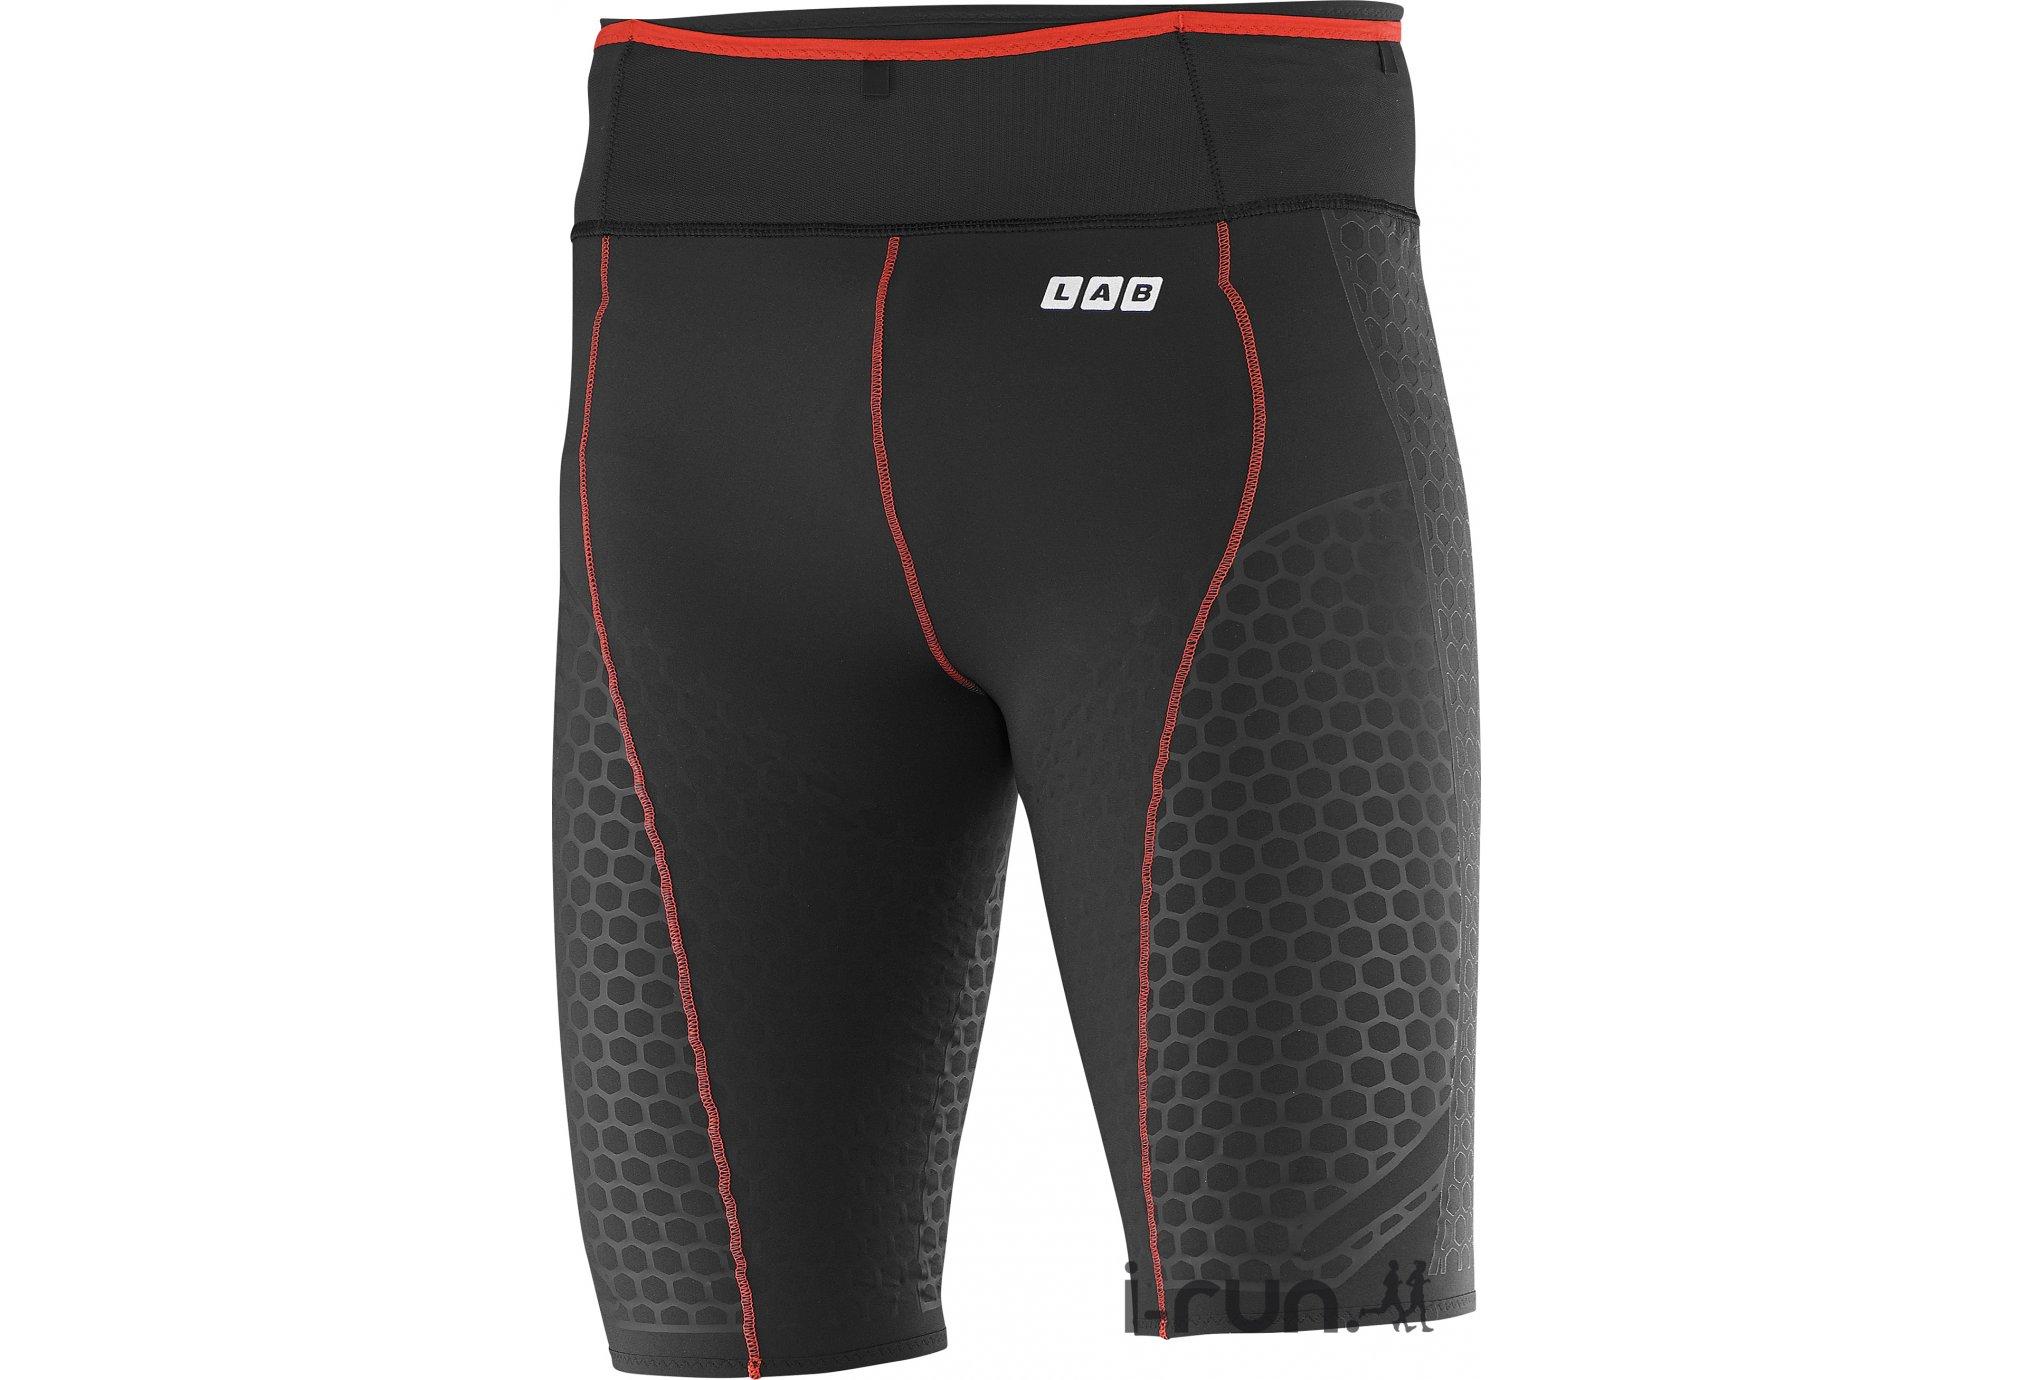 Resathlon - Salomon Short Agile M vêtement running homme 259e301215f